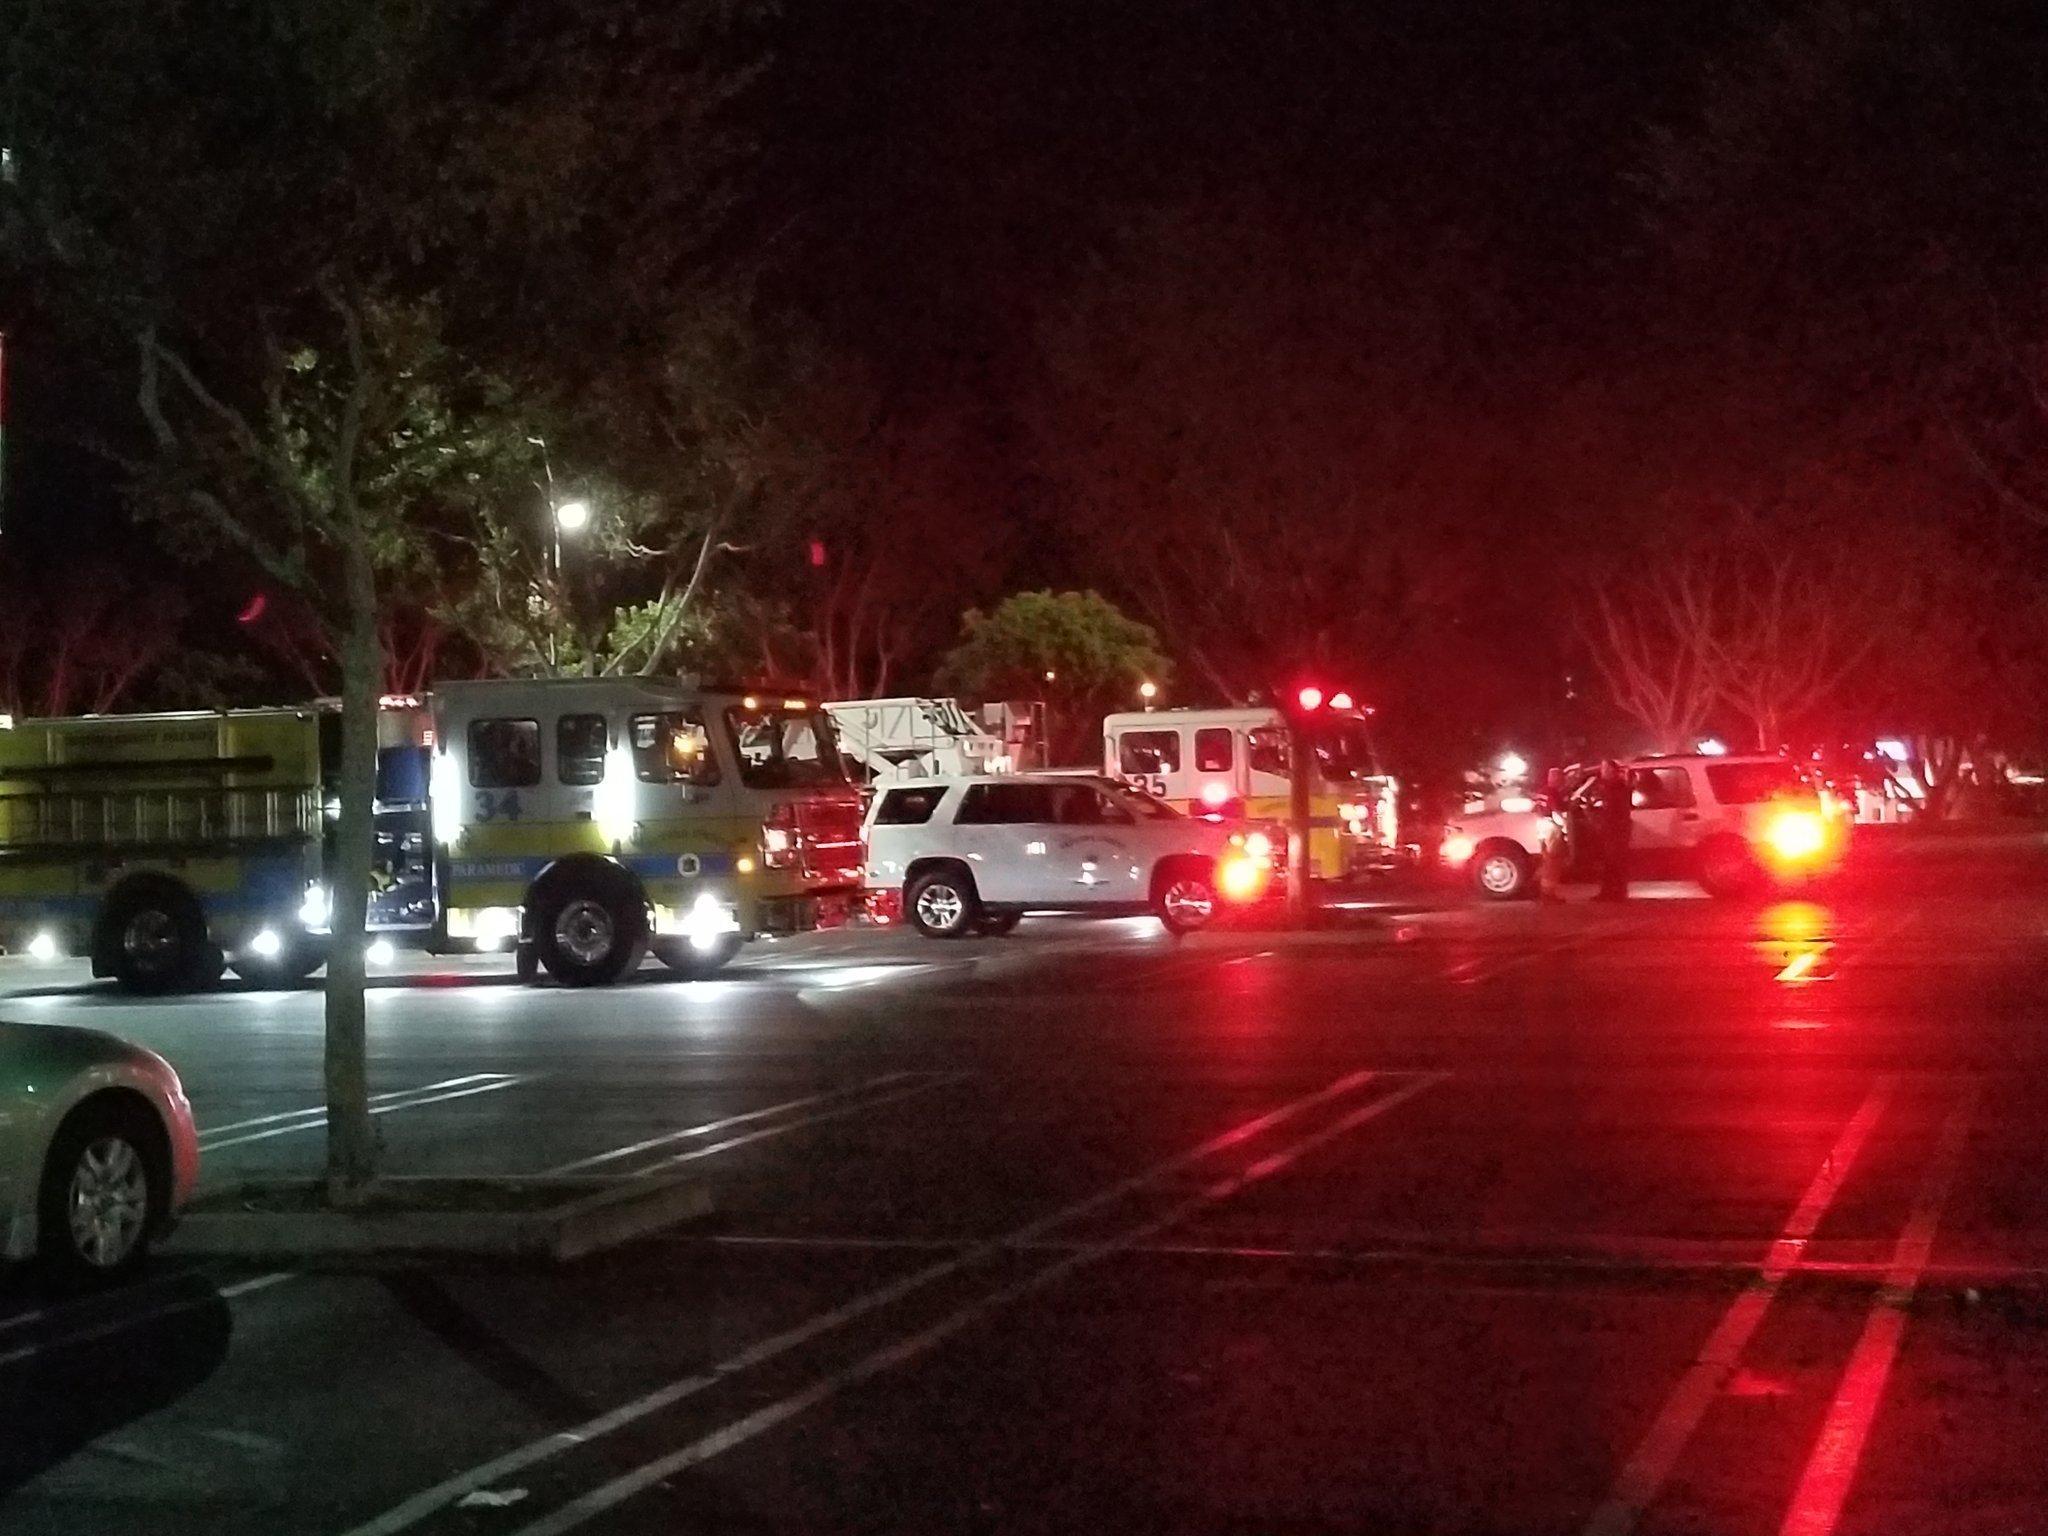 加州千橡市一家酒吧发生枪击事件 多人受伤